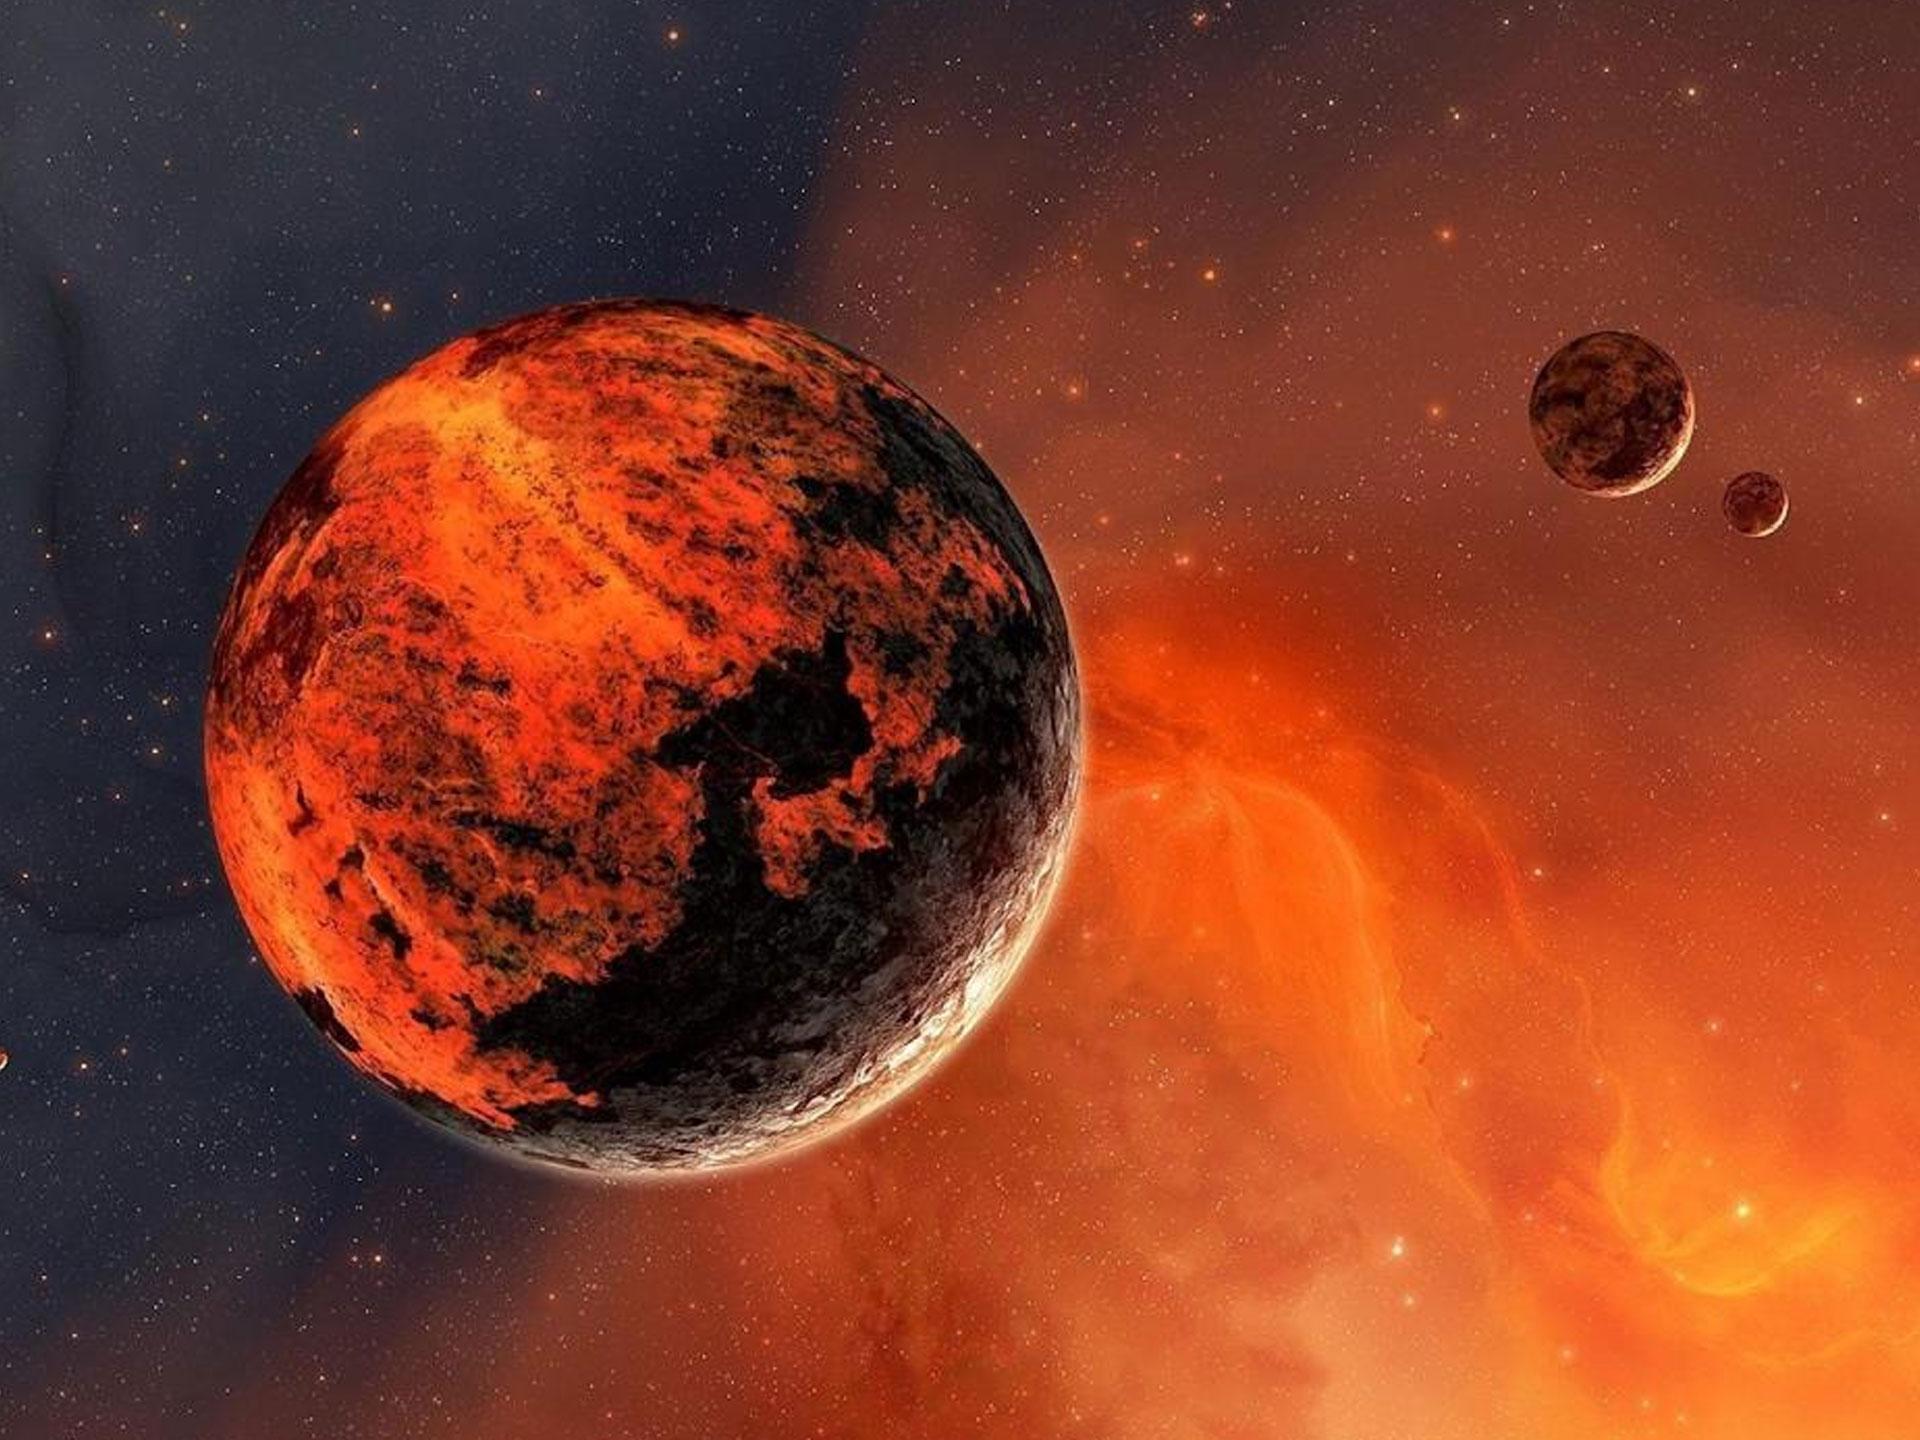 """""""كائن حي"""" يحافظ على حياته ثلاث سنوات في الفضاء متنقلا بين الكواكب"""